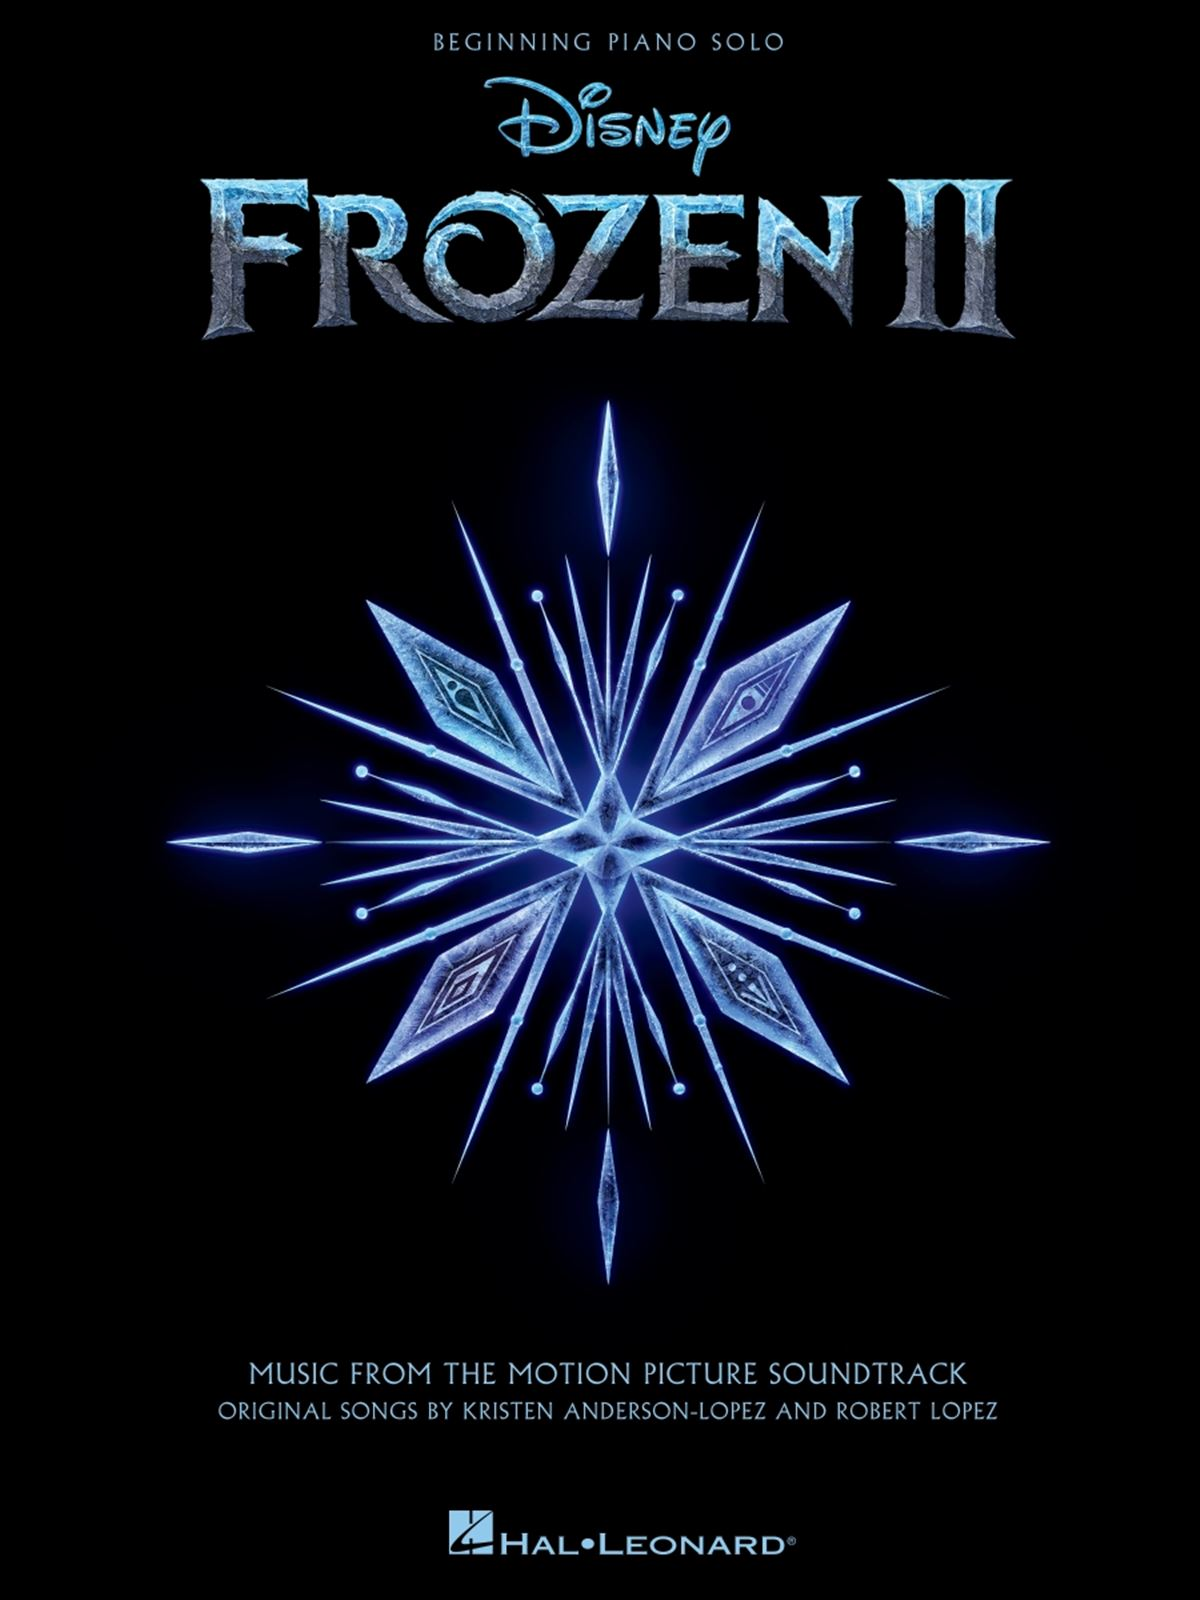 Robert Lopez Kristen Anderson-Lopez: Frozen II - Beginning Piano Solo: Piano